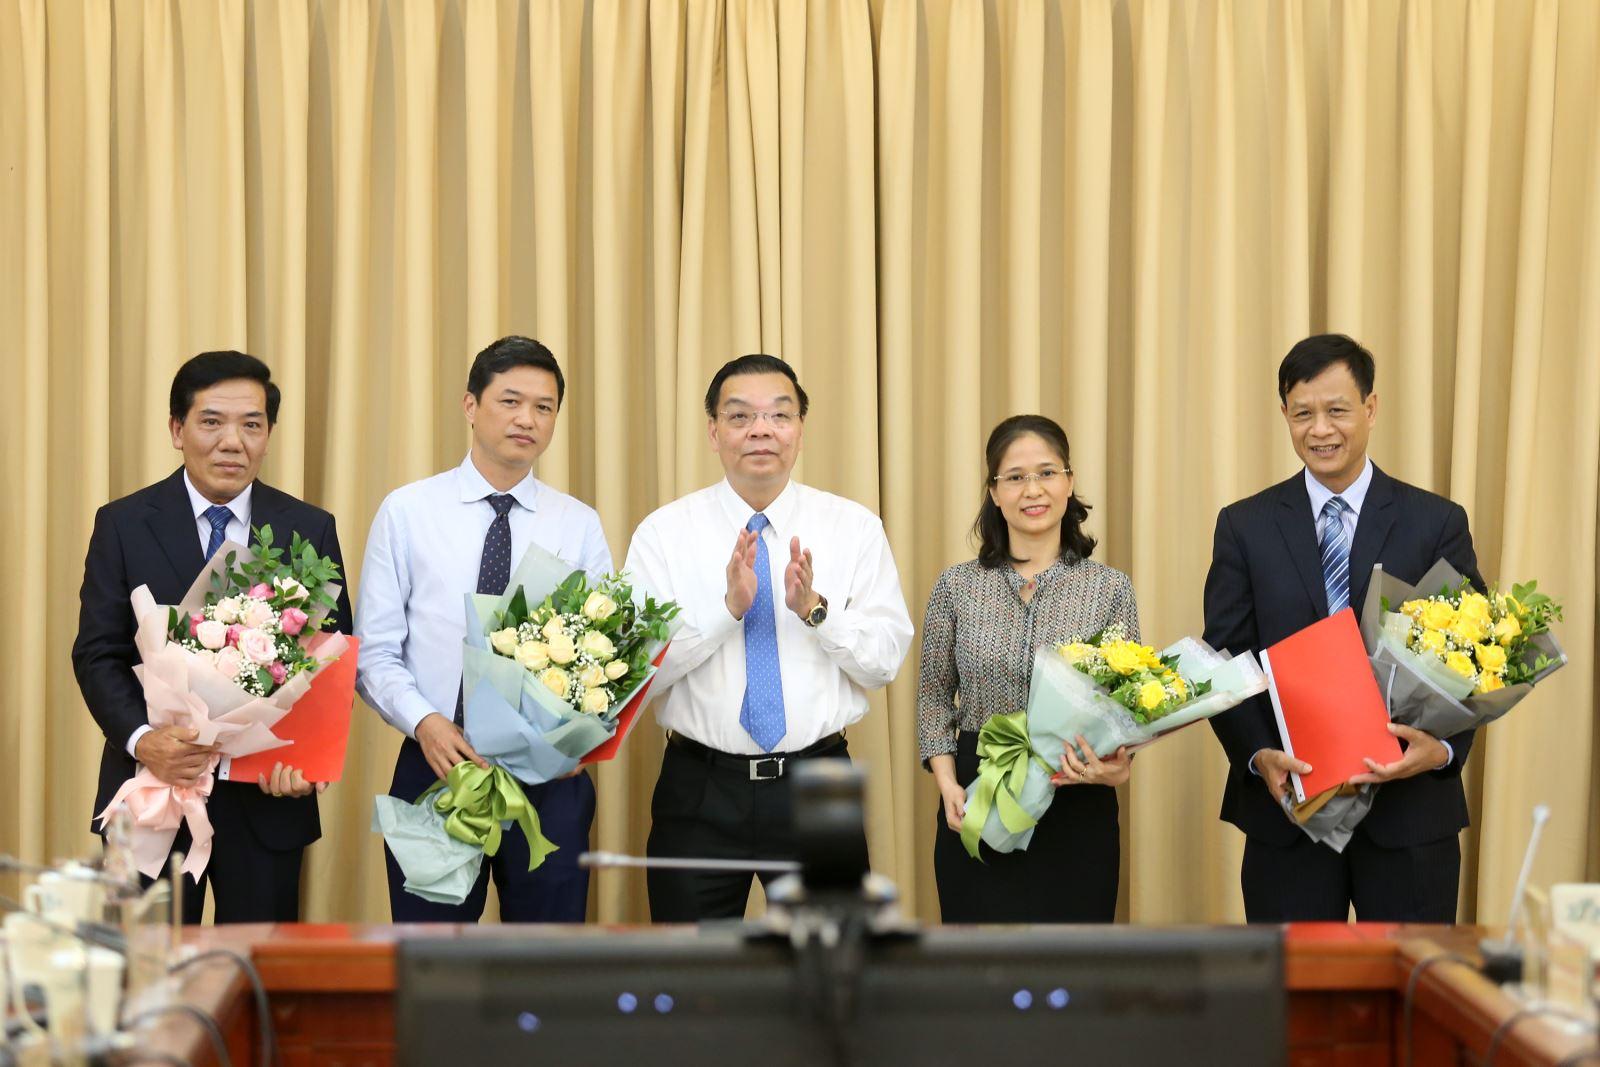 Bộ trưởng Chu Ngọc Anh (giữa) trao quyết định bổ nhiệm và chúc mừng các đồng chí được bổ nhiệm   Ảnh: Bộ KH&CN